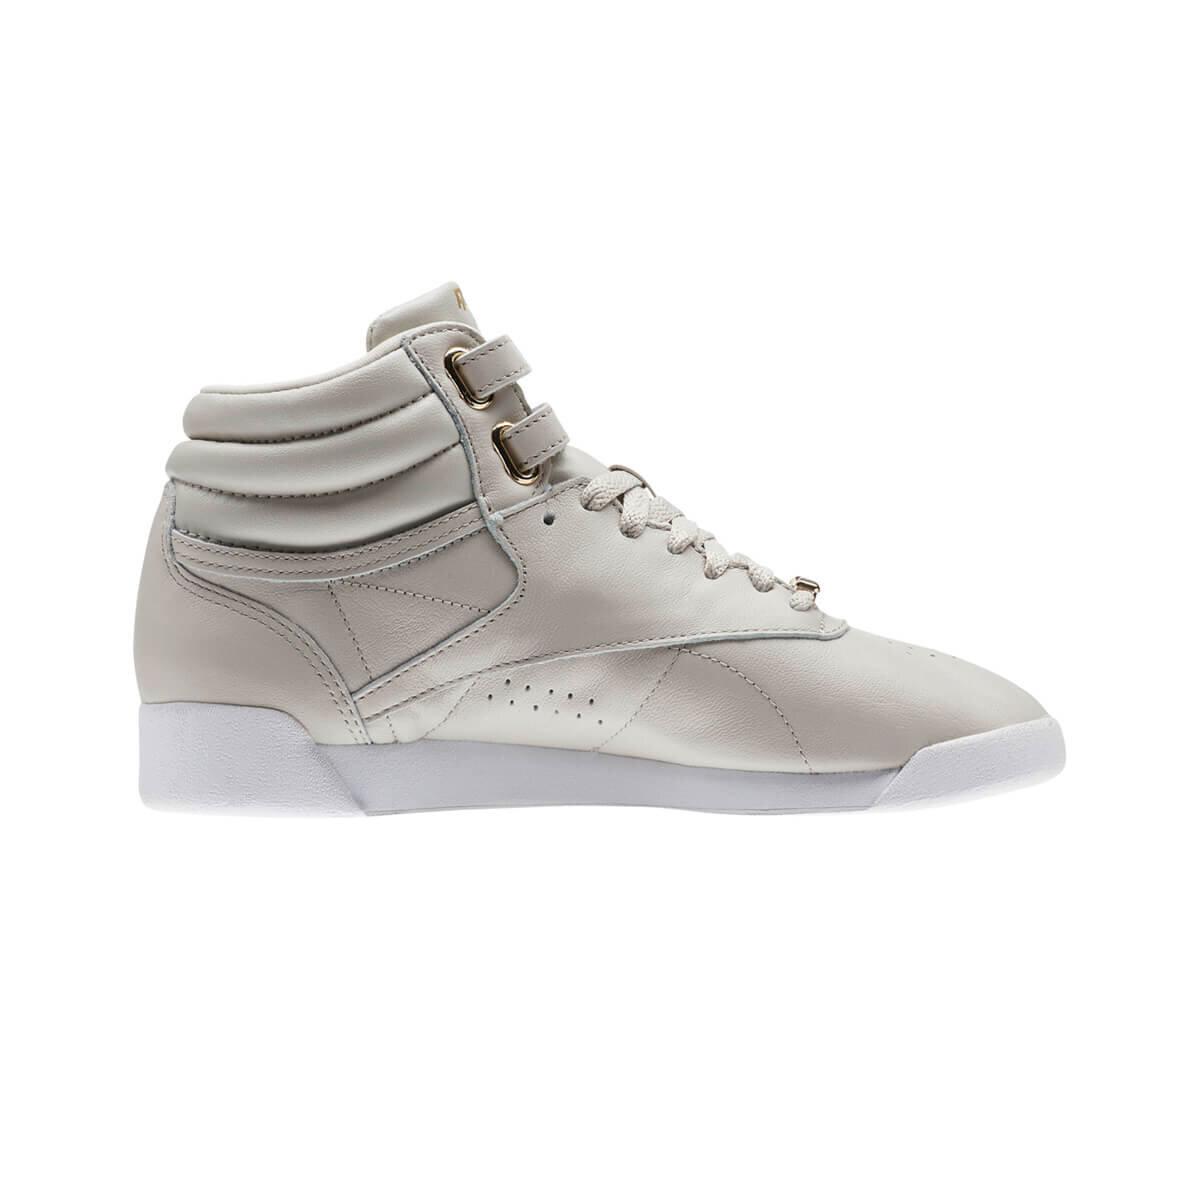 Kum Rengi Kadın Sneaker Ayakkabı F/S HI MUTED SANDS